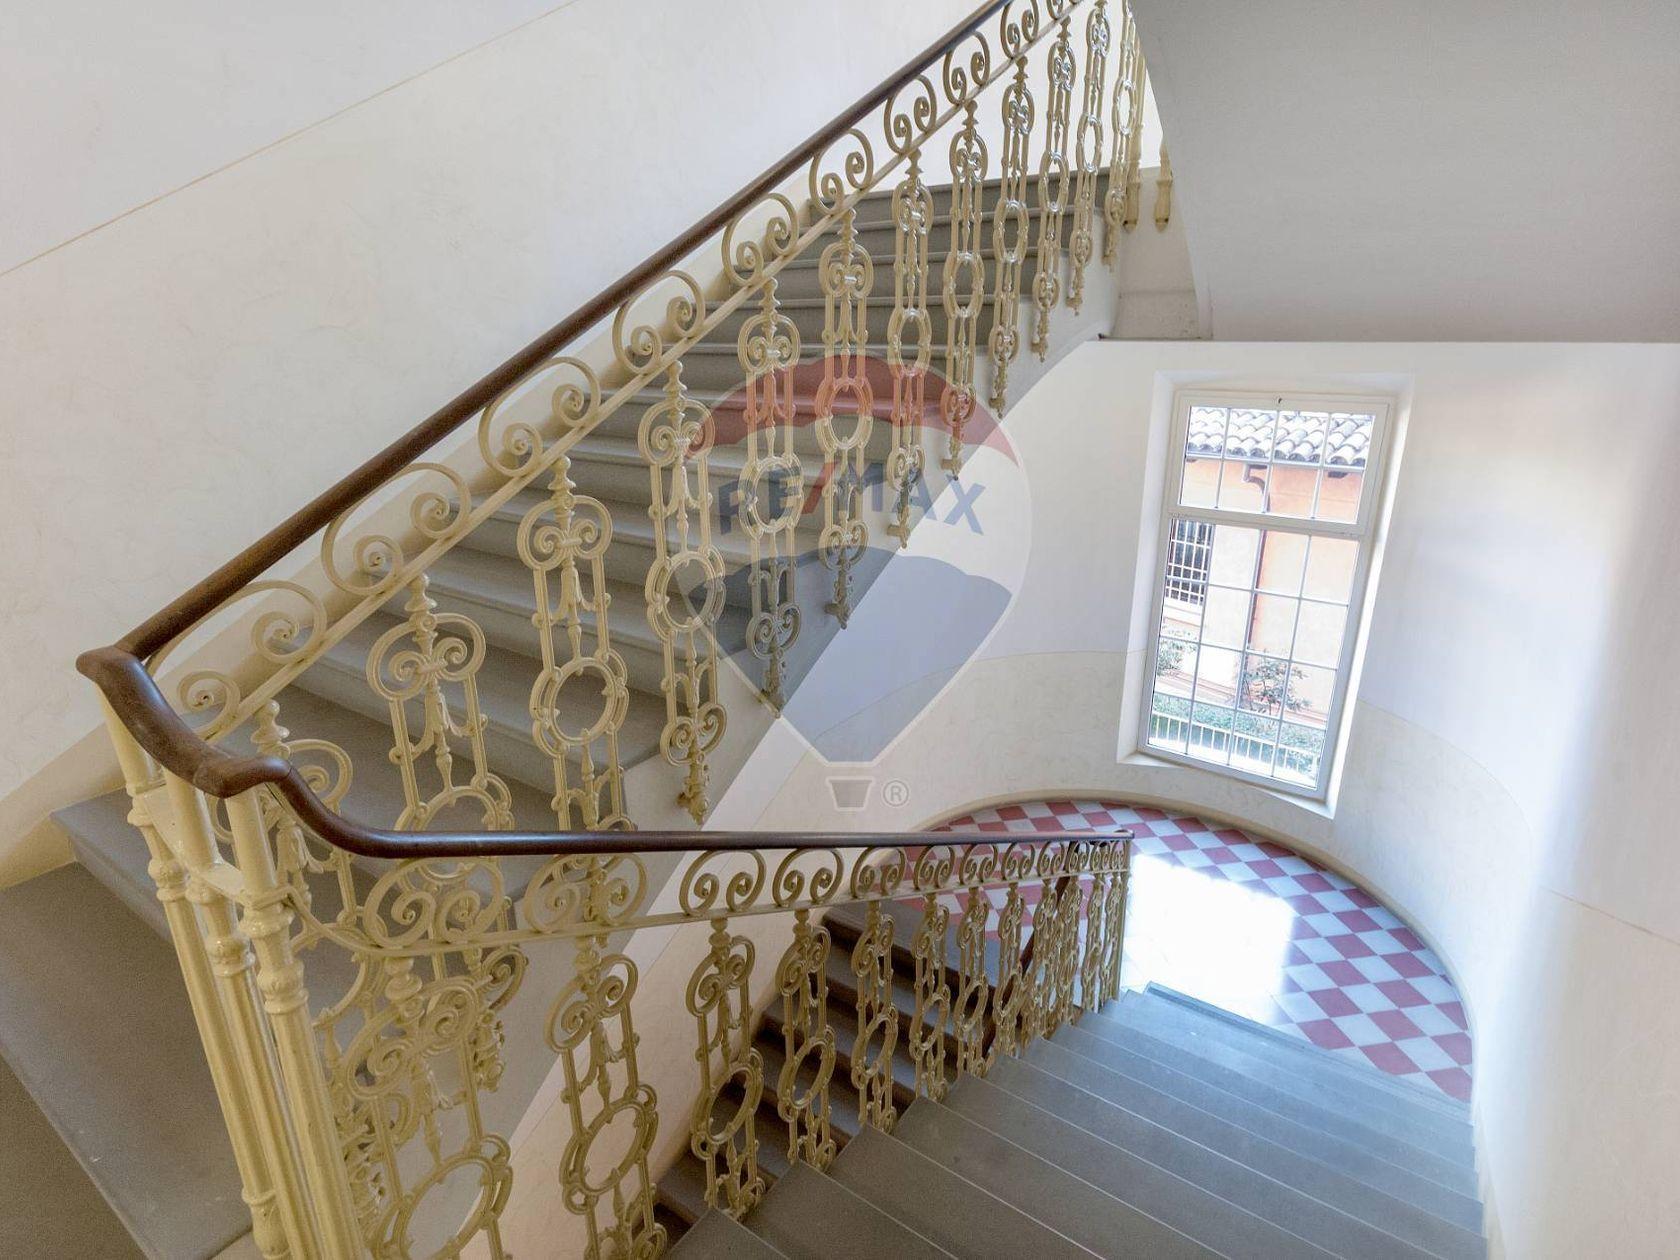 Appartamento Zona Centro Storico, San Giovanni in Persiceto, BO Vendita - Foto 4